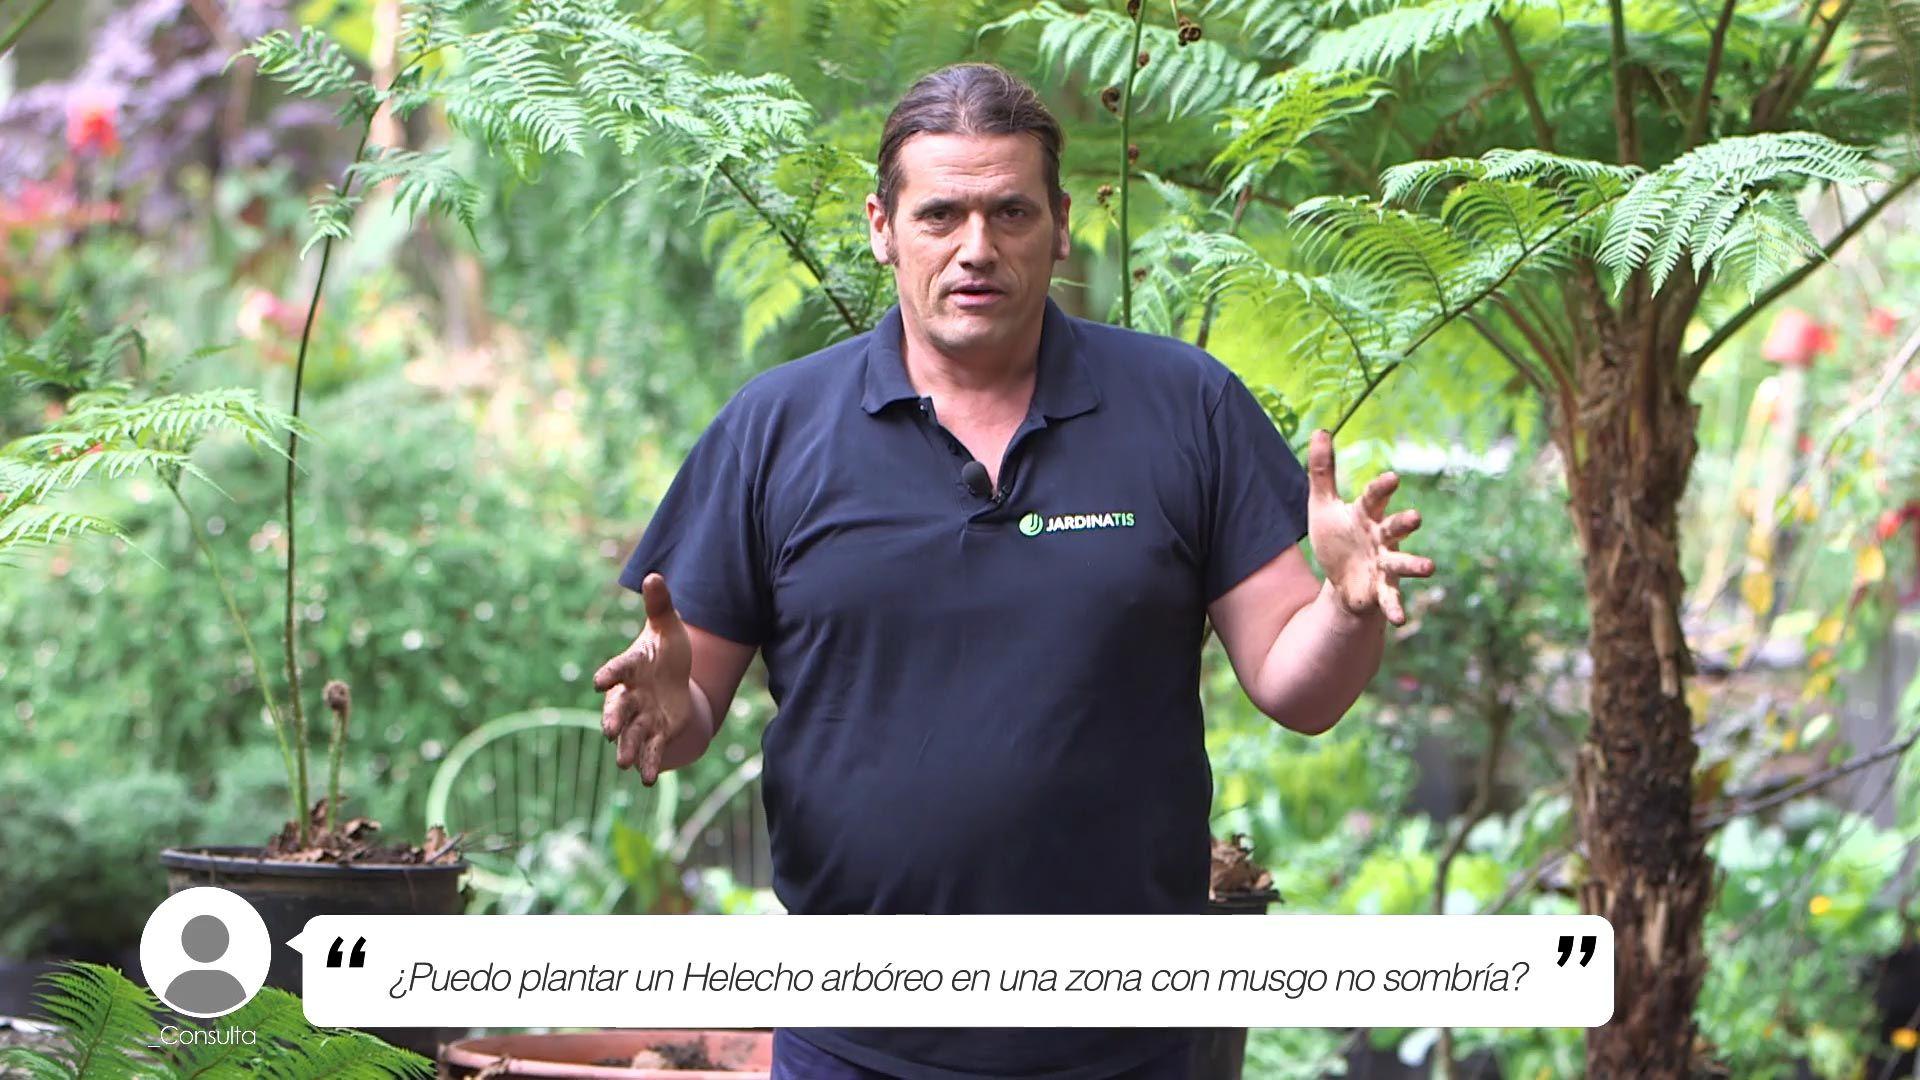 ¿Se puede plantar un Helecho arbóreo en una zona con musgo no sombría?